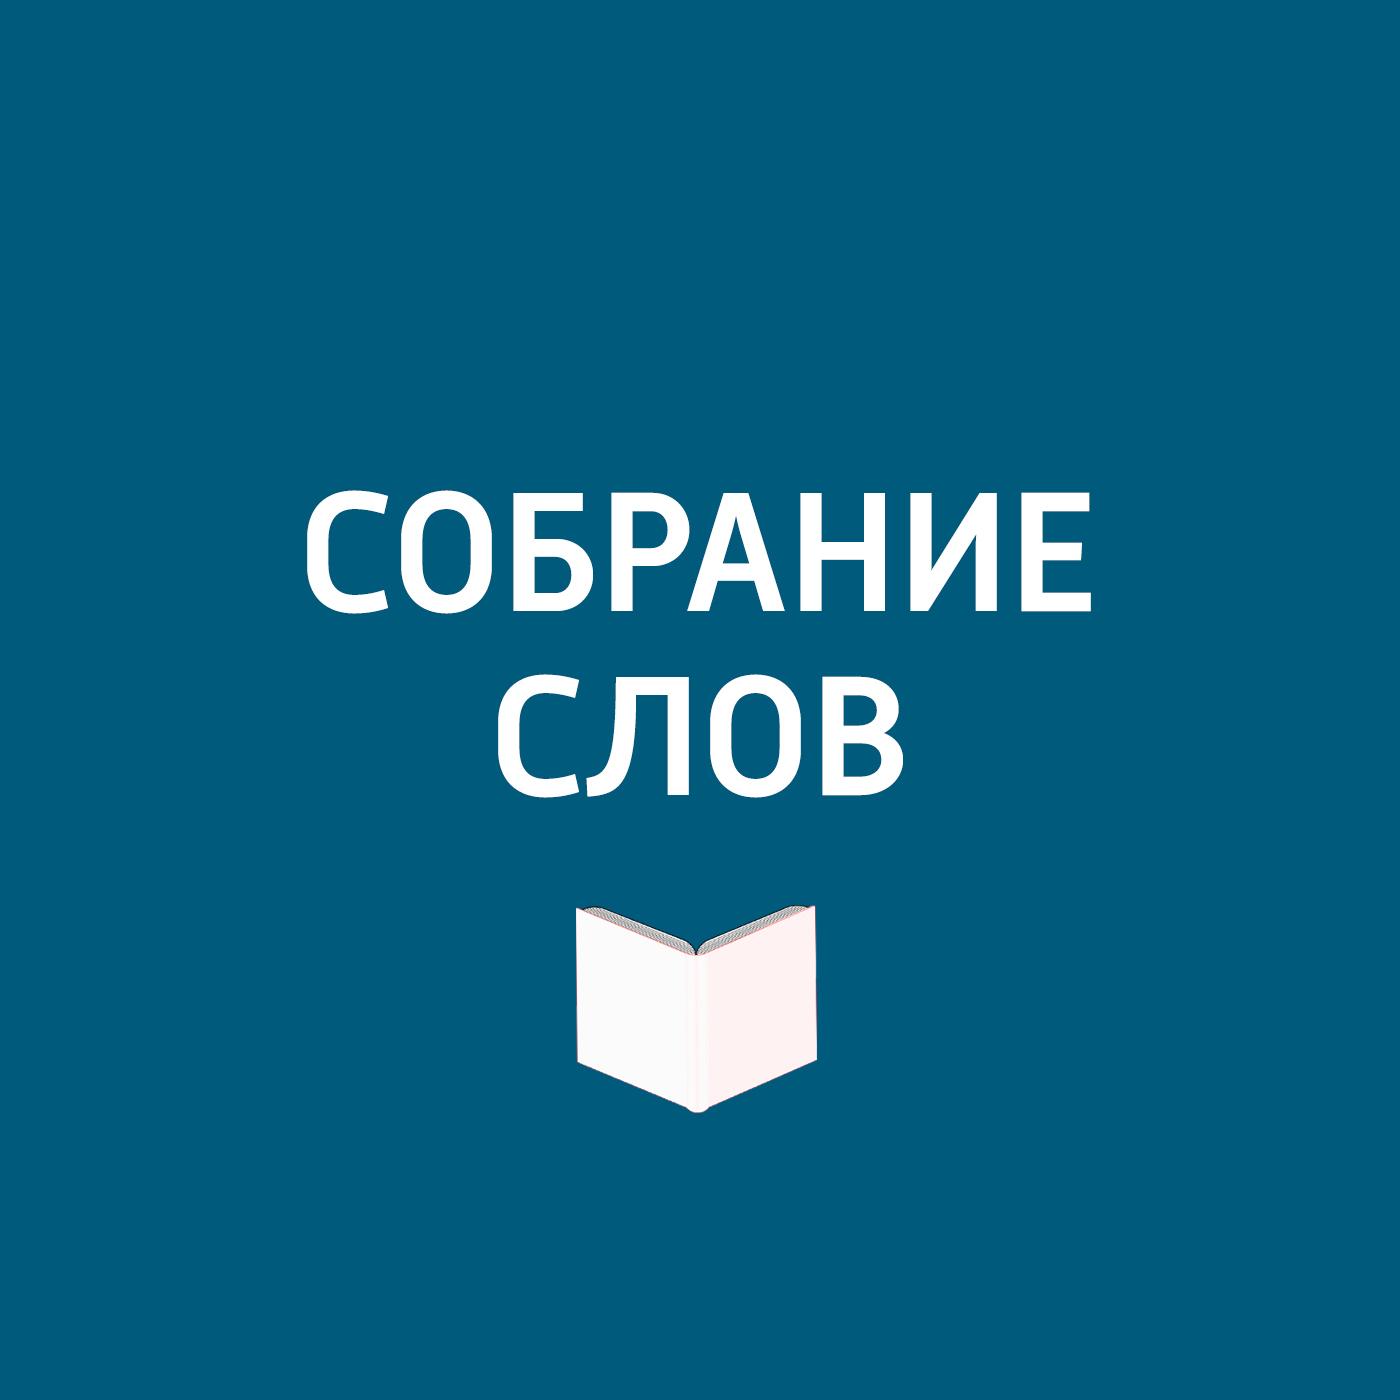 Творческий коллектив программы «Собрание слов» Большое интервью Николая Баскова николай басков игра